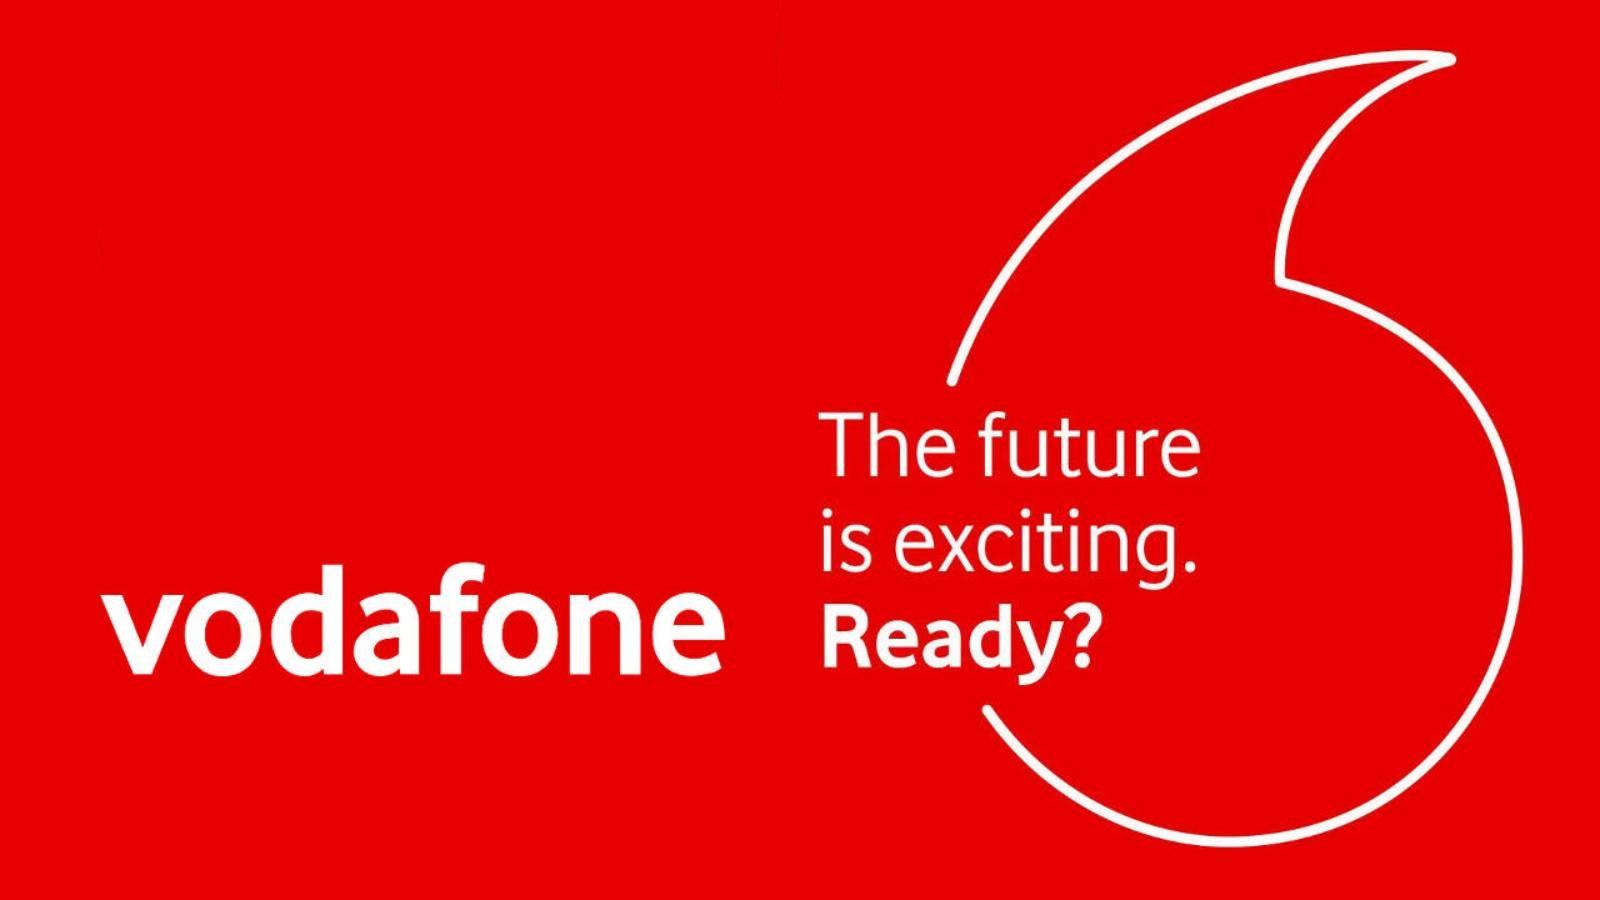 Vodafone global